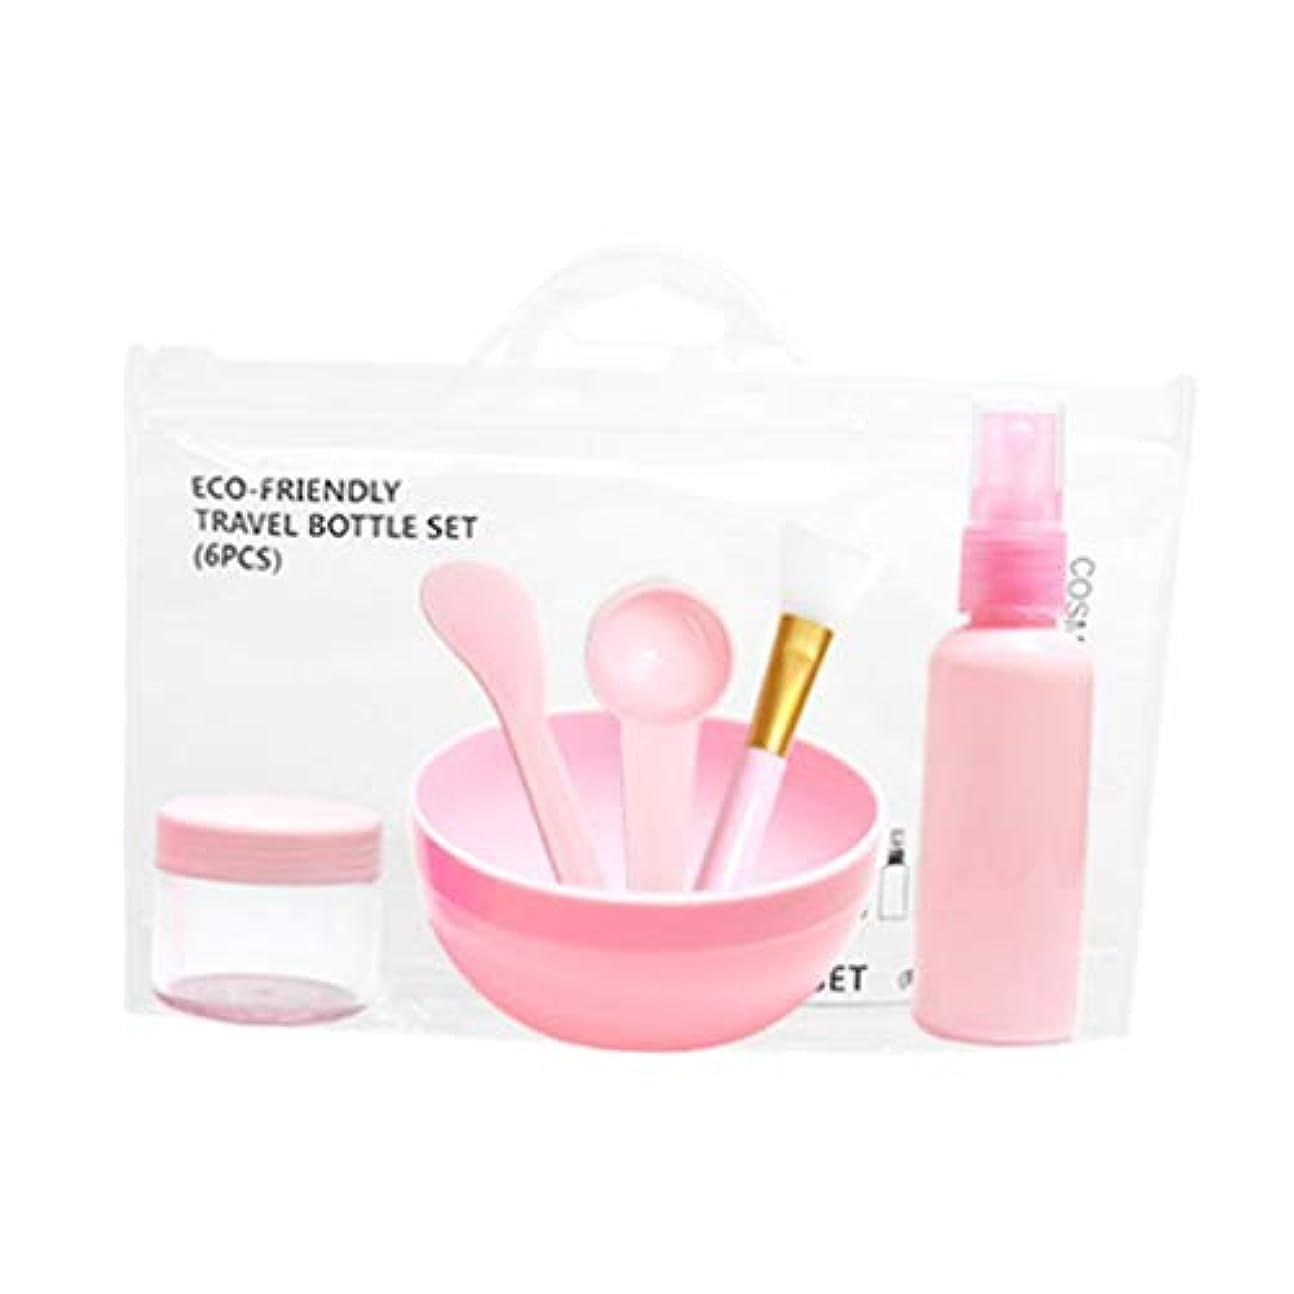 ポスト印象派貧しいレスリング6個/セット 美容ツール DIYフェイシャルマスクツール ボウル マスクブラシ 計量スプーン 全2色 - ピンク